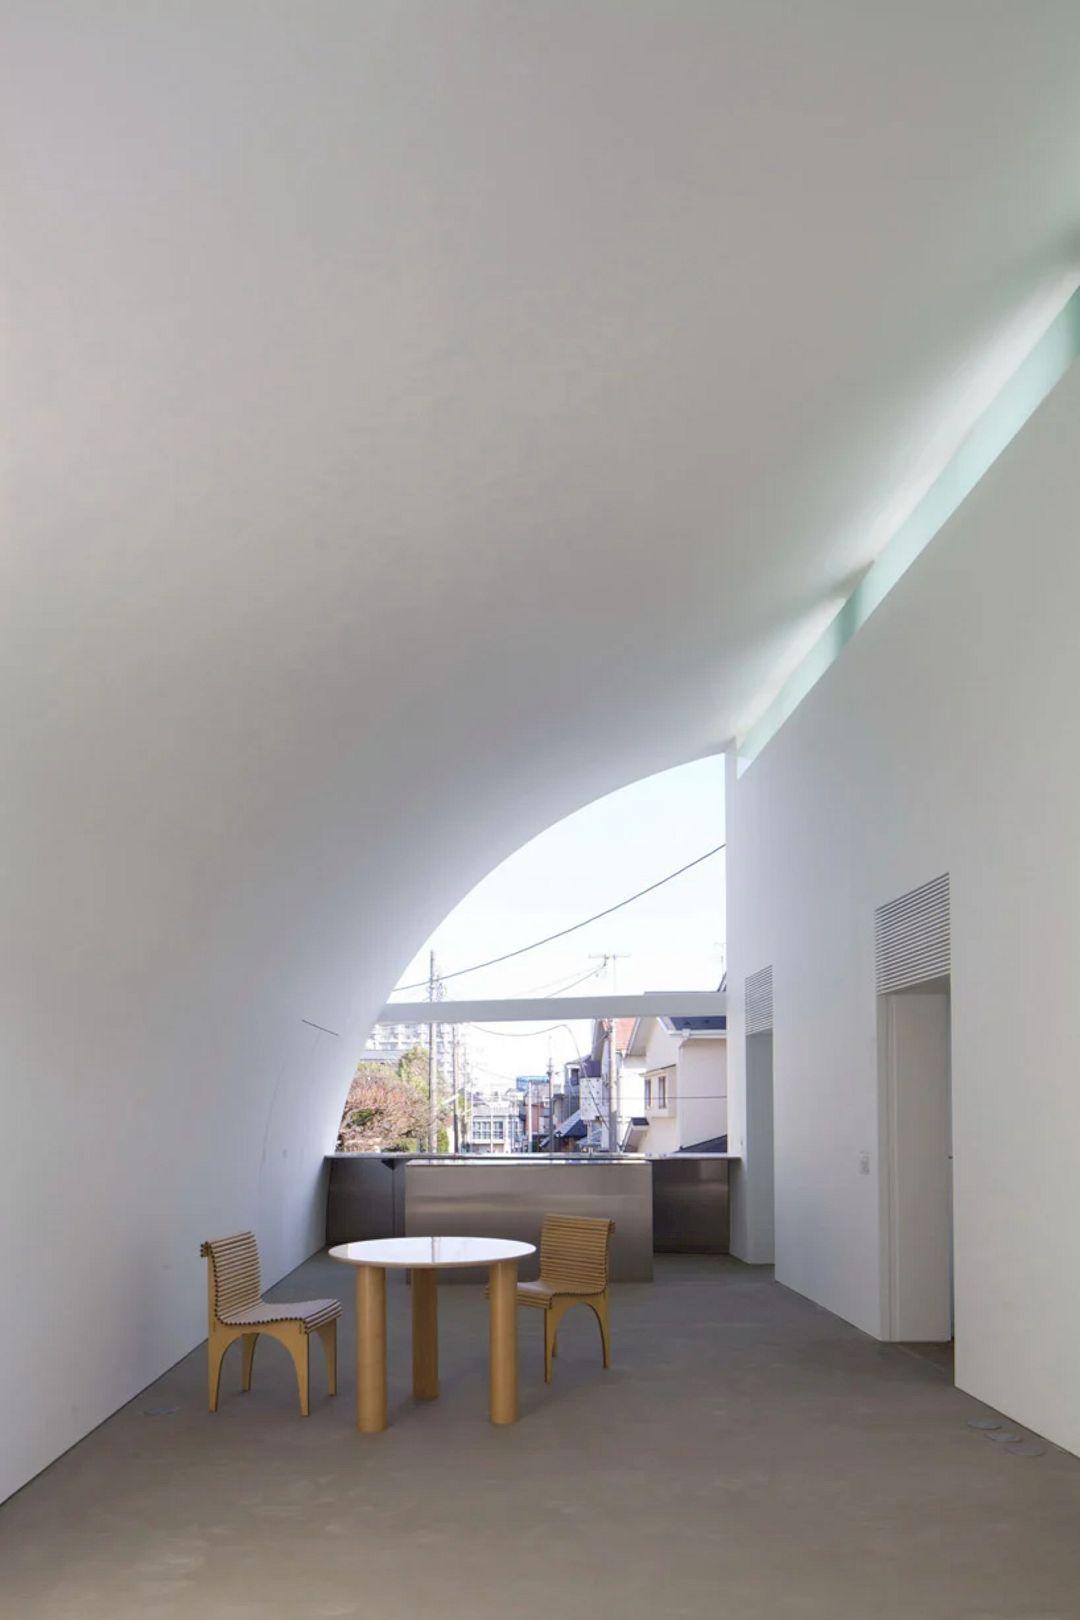 House At Hanegi Park By Shigeru Ban Architects 2